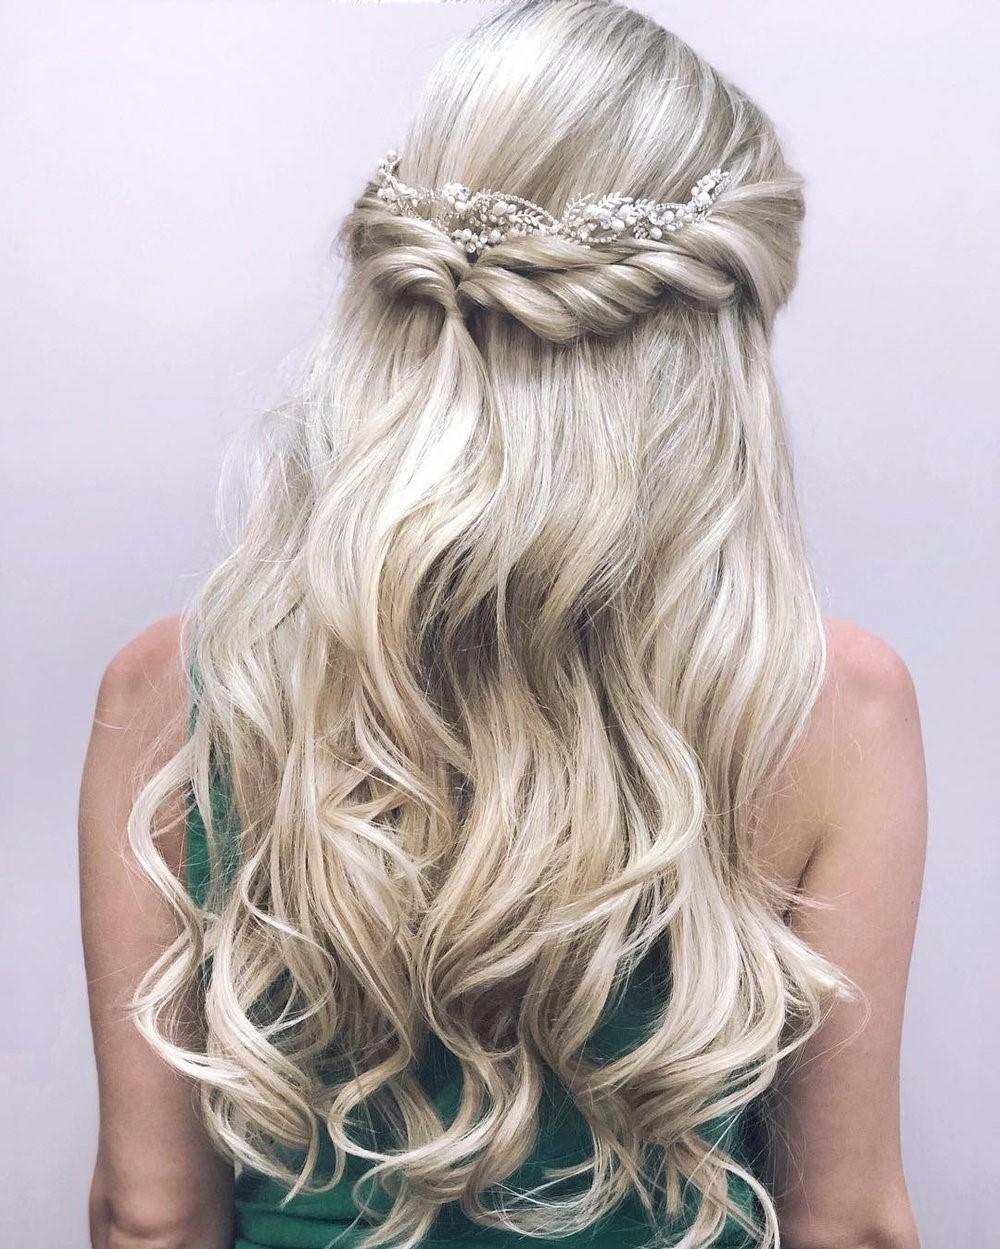 Coiffures de mariage pour cheveux longs: demi-queue lâche.